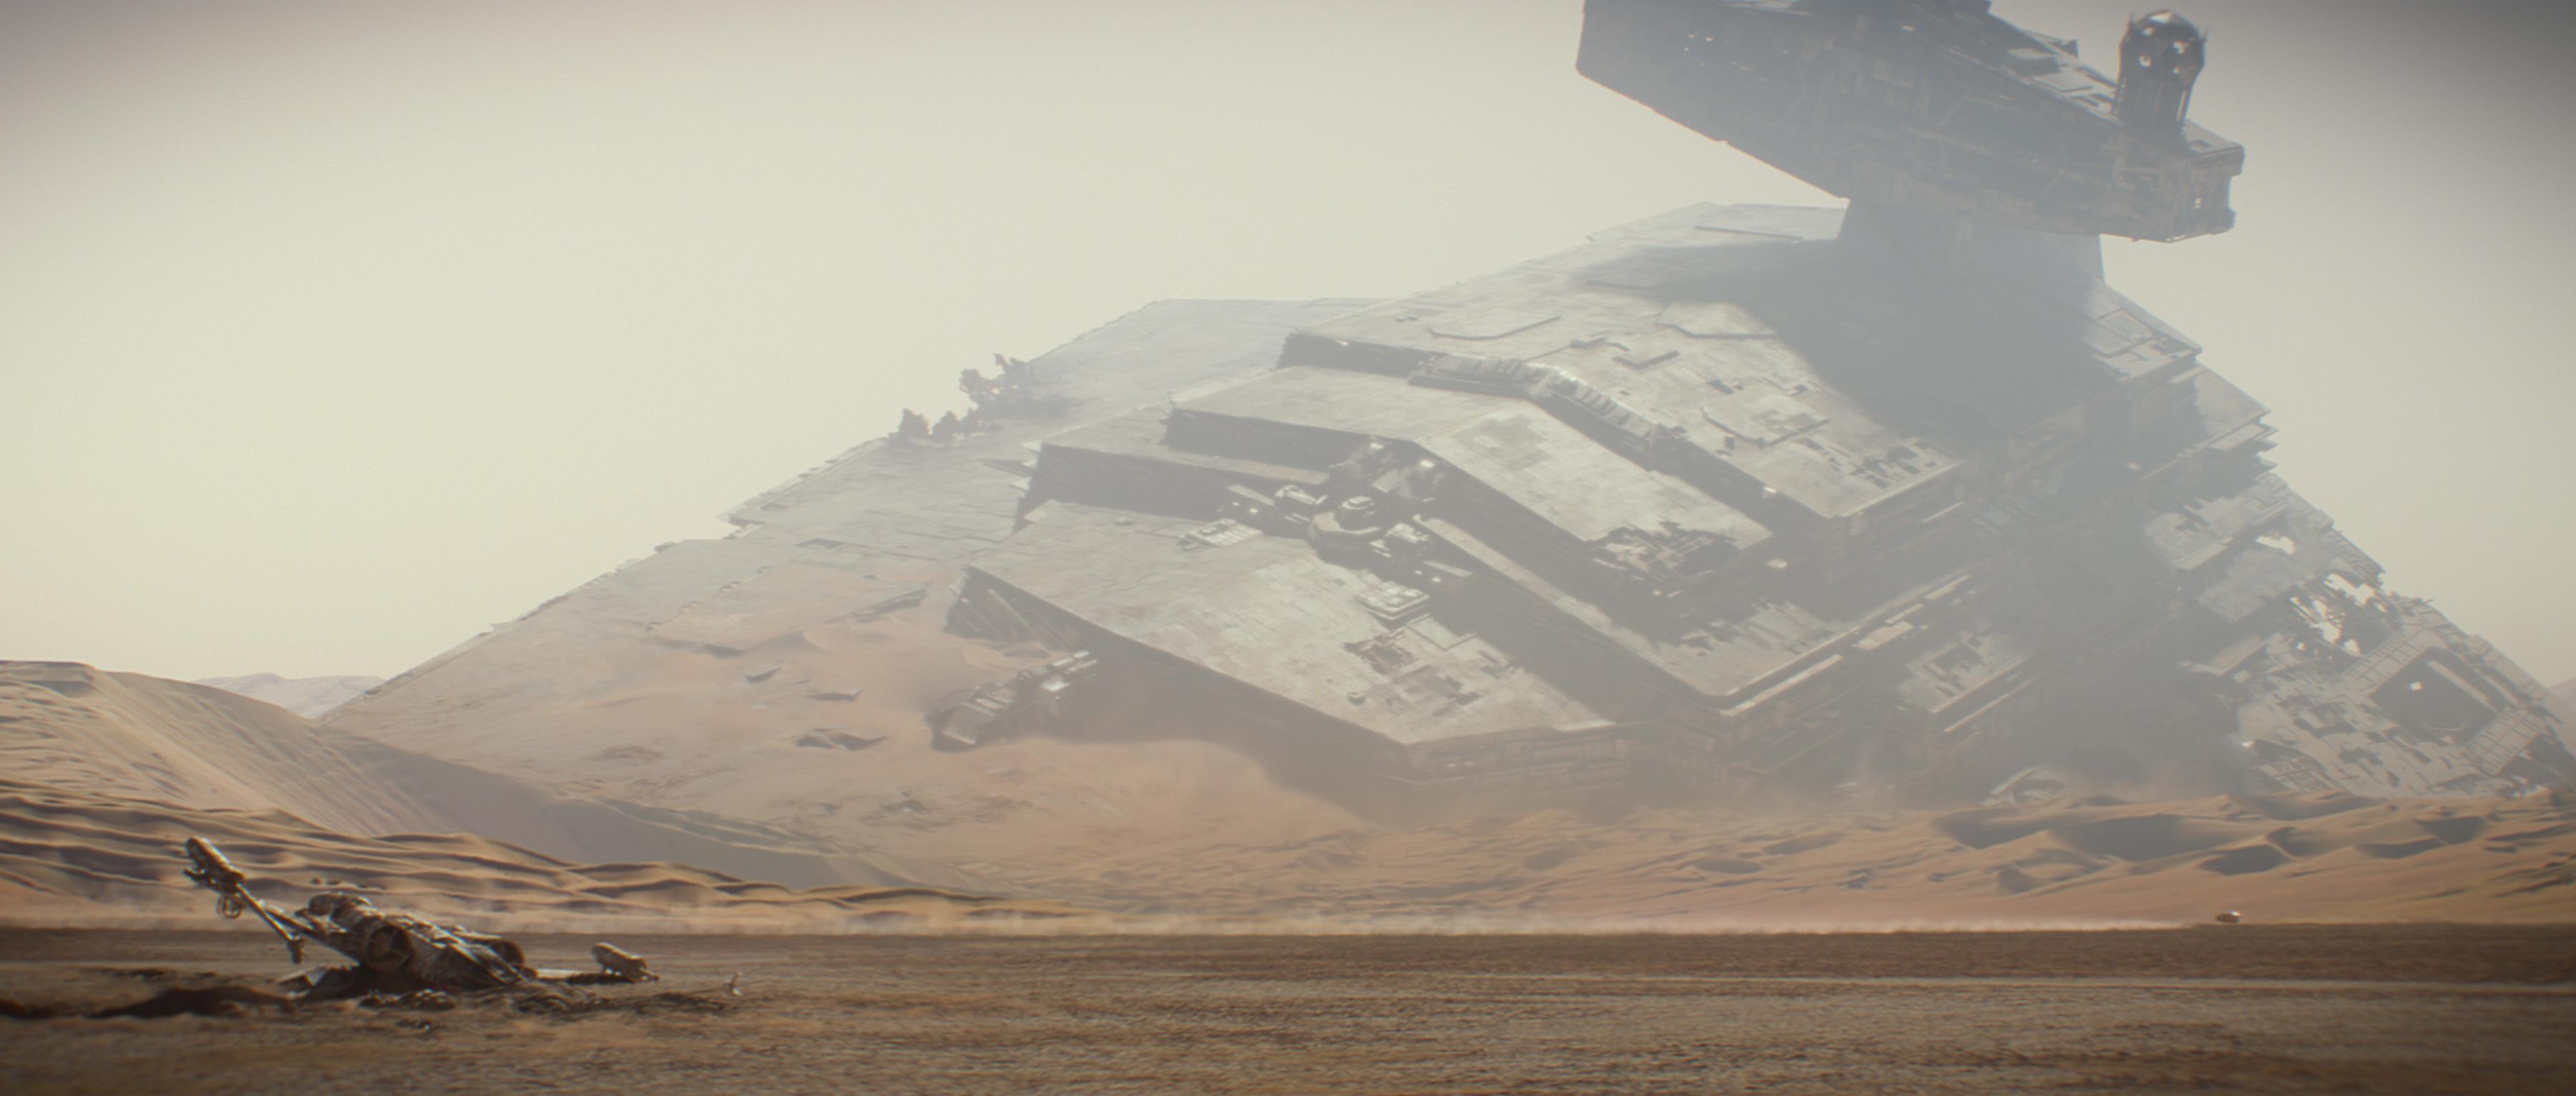 Image result for Crashed star destroyer Rey